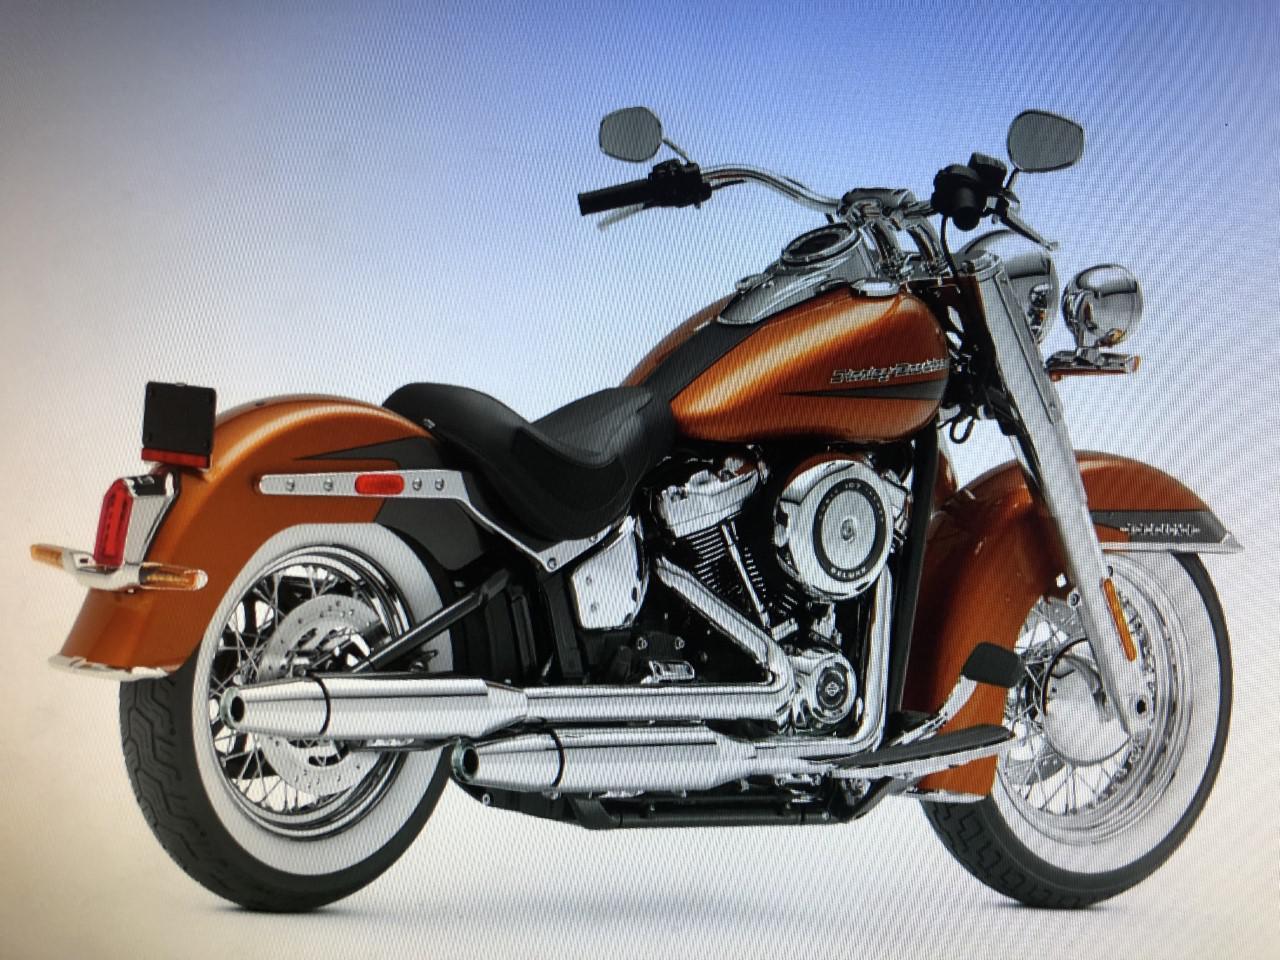 Harley-Davidson FLDE Softail Deluxe 2019